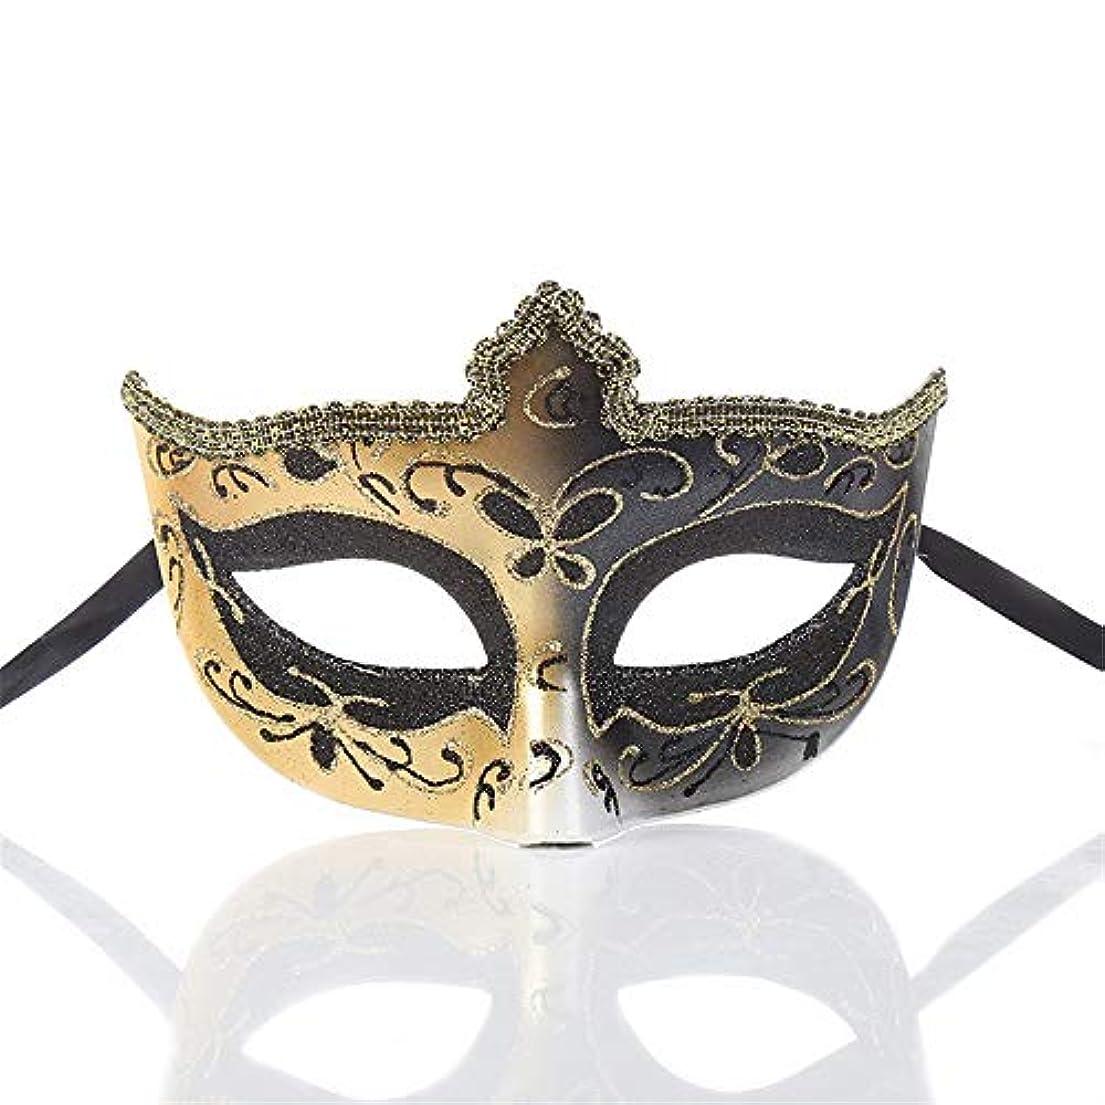 歩き回る安らぎ座るダンスマスク クリエイティブクラシックハーフマスクマスカレードパーティーデコレーションコスプレプラスチックマスク ホリデーパーティー用品 (色 : ブラック, サイズ : 17x11cm)